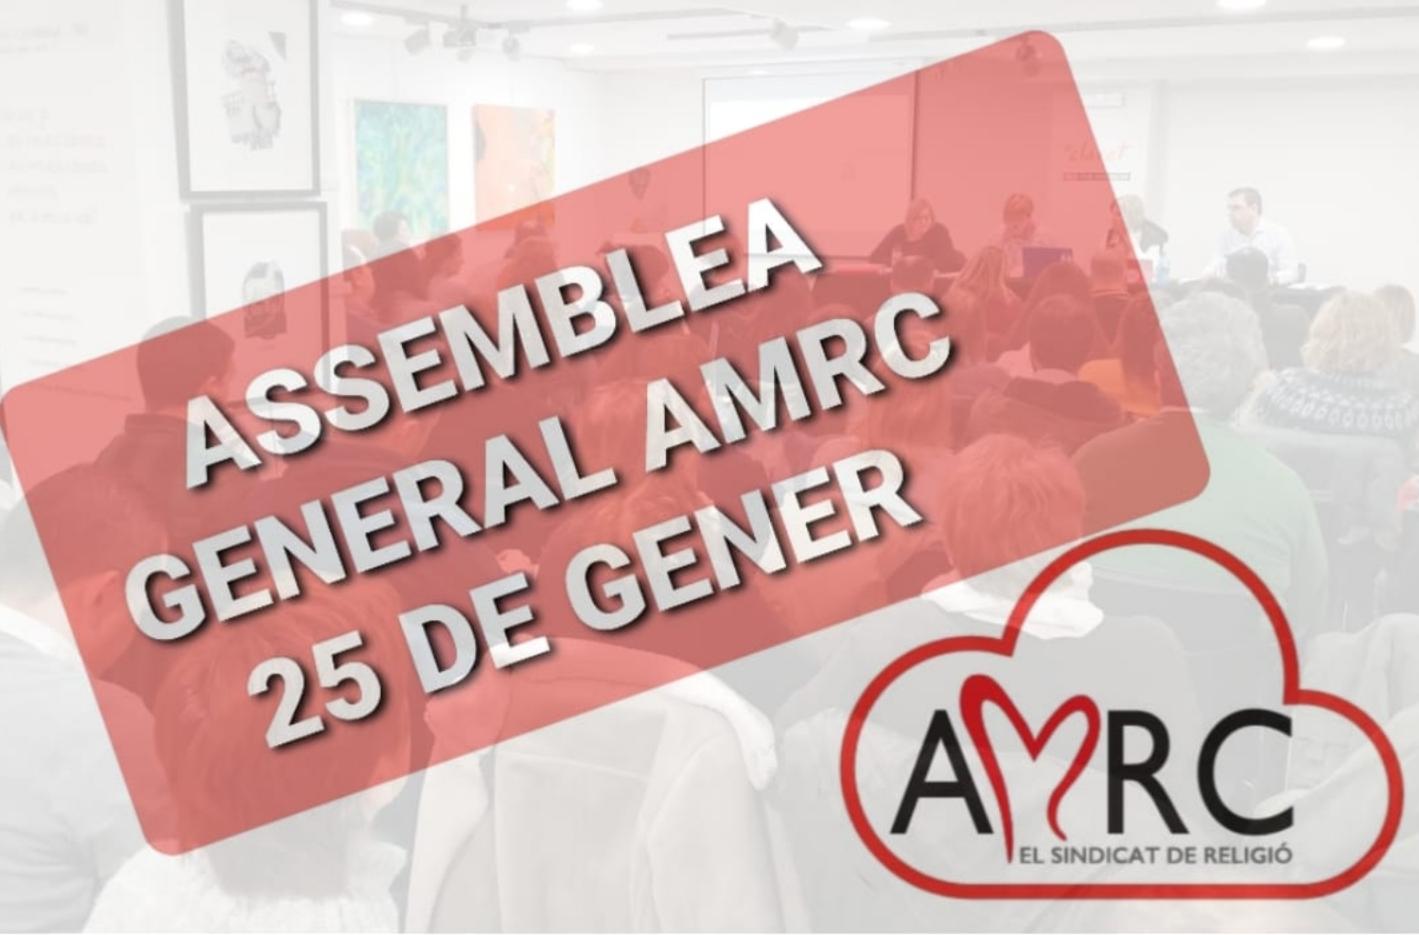 Assemblea General Ordinària: 25 de gener